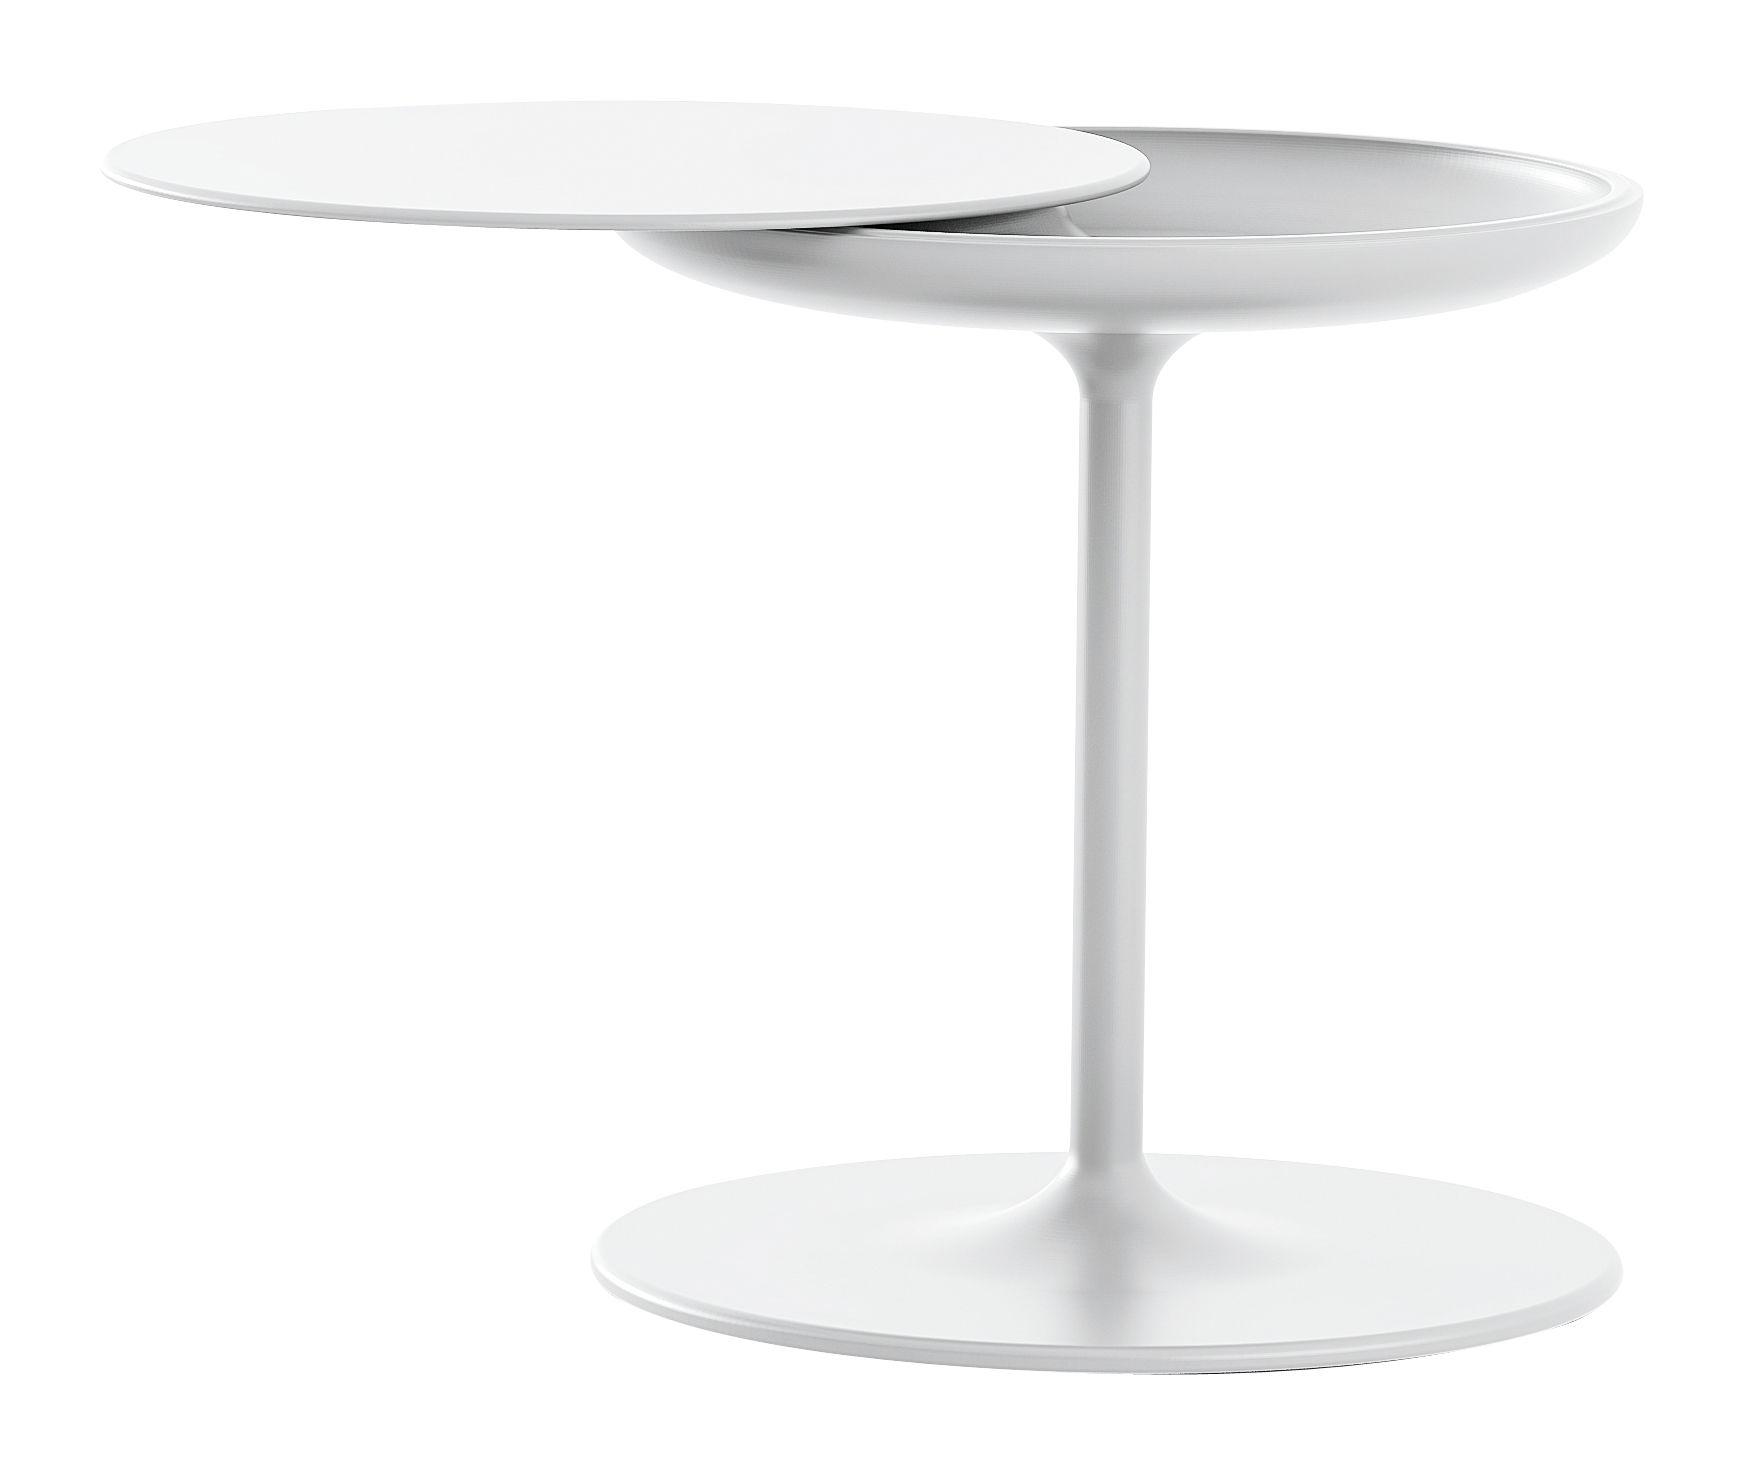 Möbel - Couchtische - Toi Beistelltisch Ø 42 - H 50 cm - Zanotta - Weiß - Multicouches plaqué aluminium, Polyurhethan